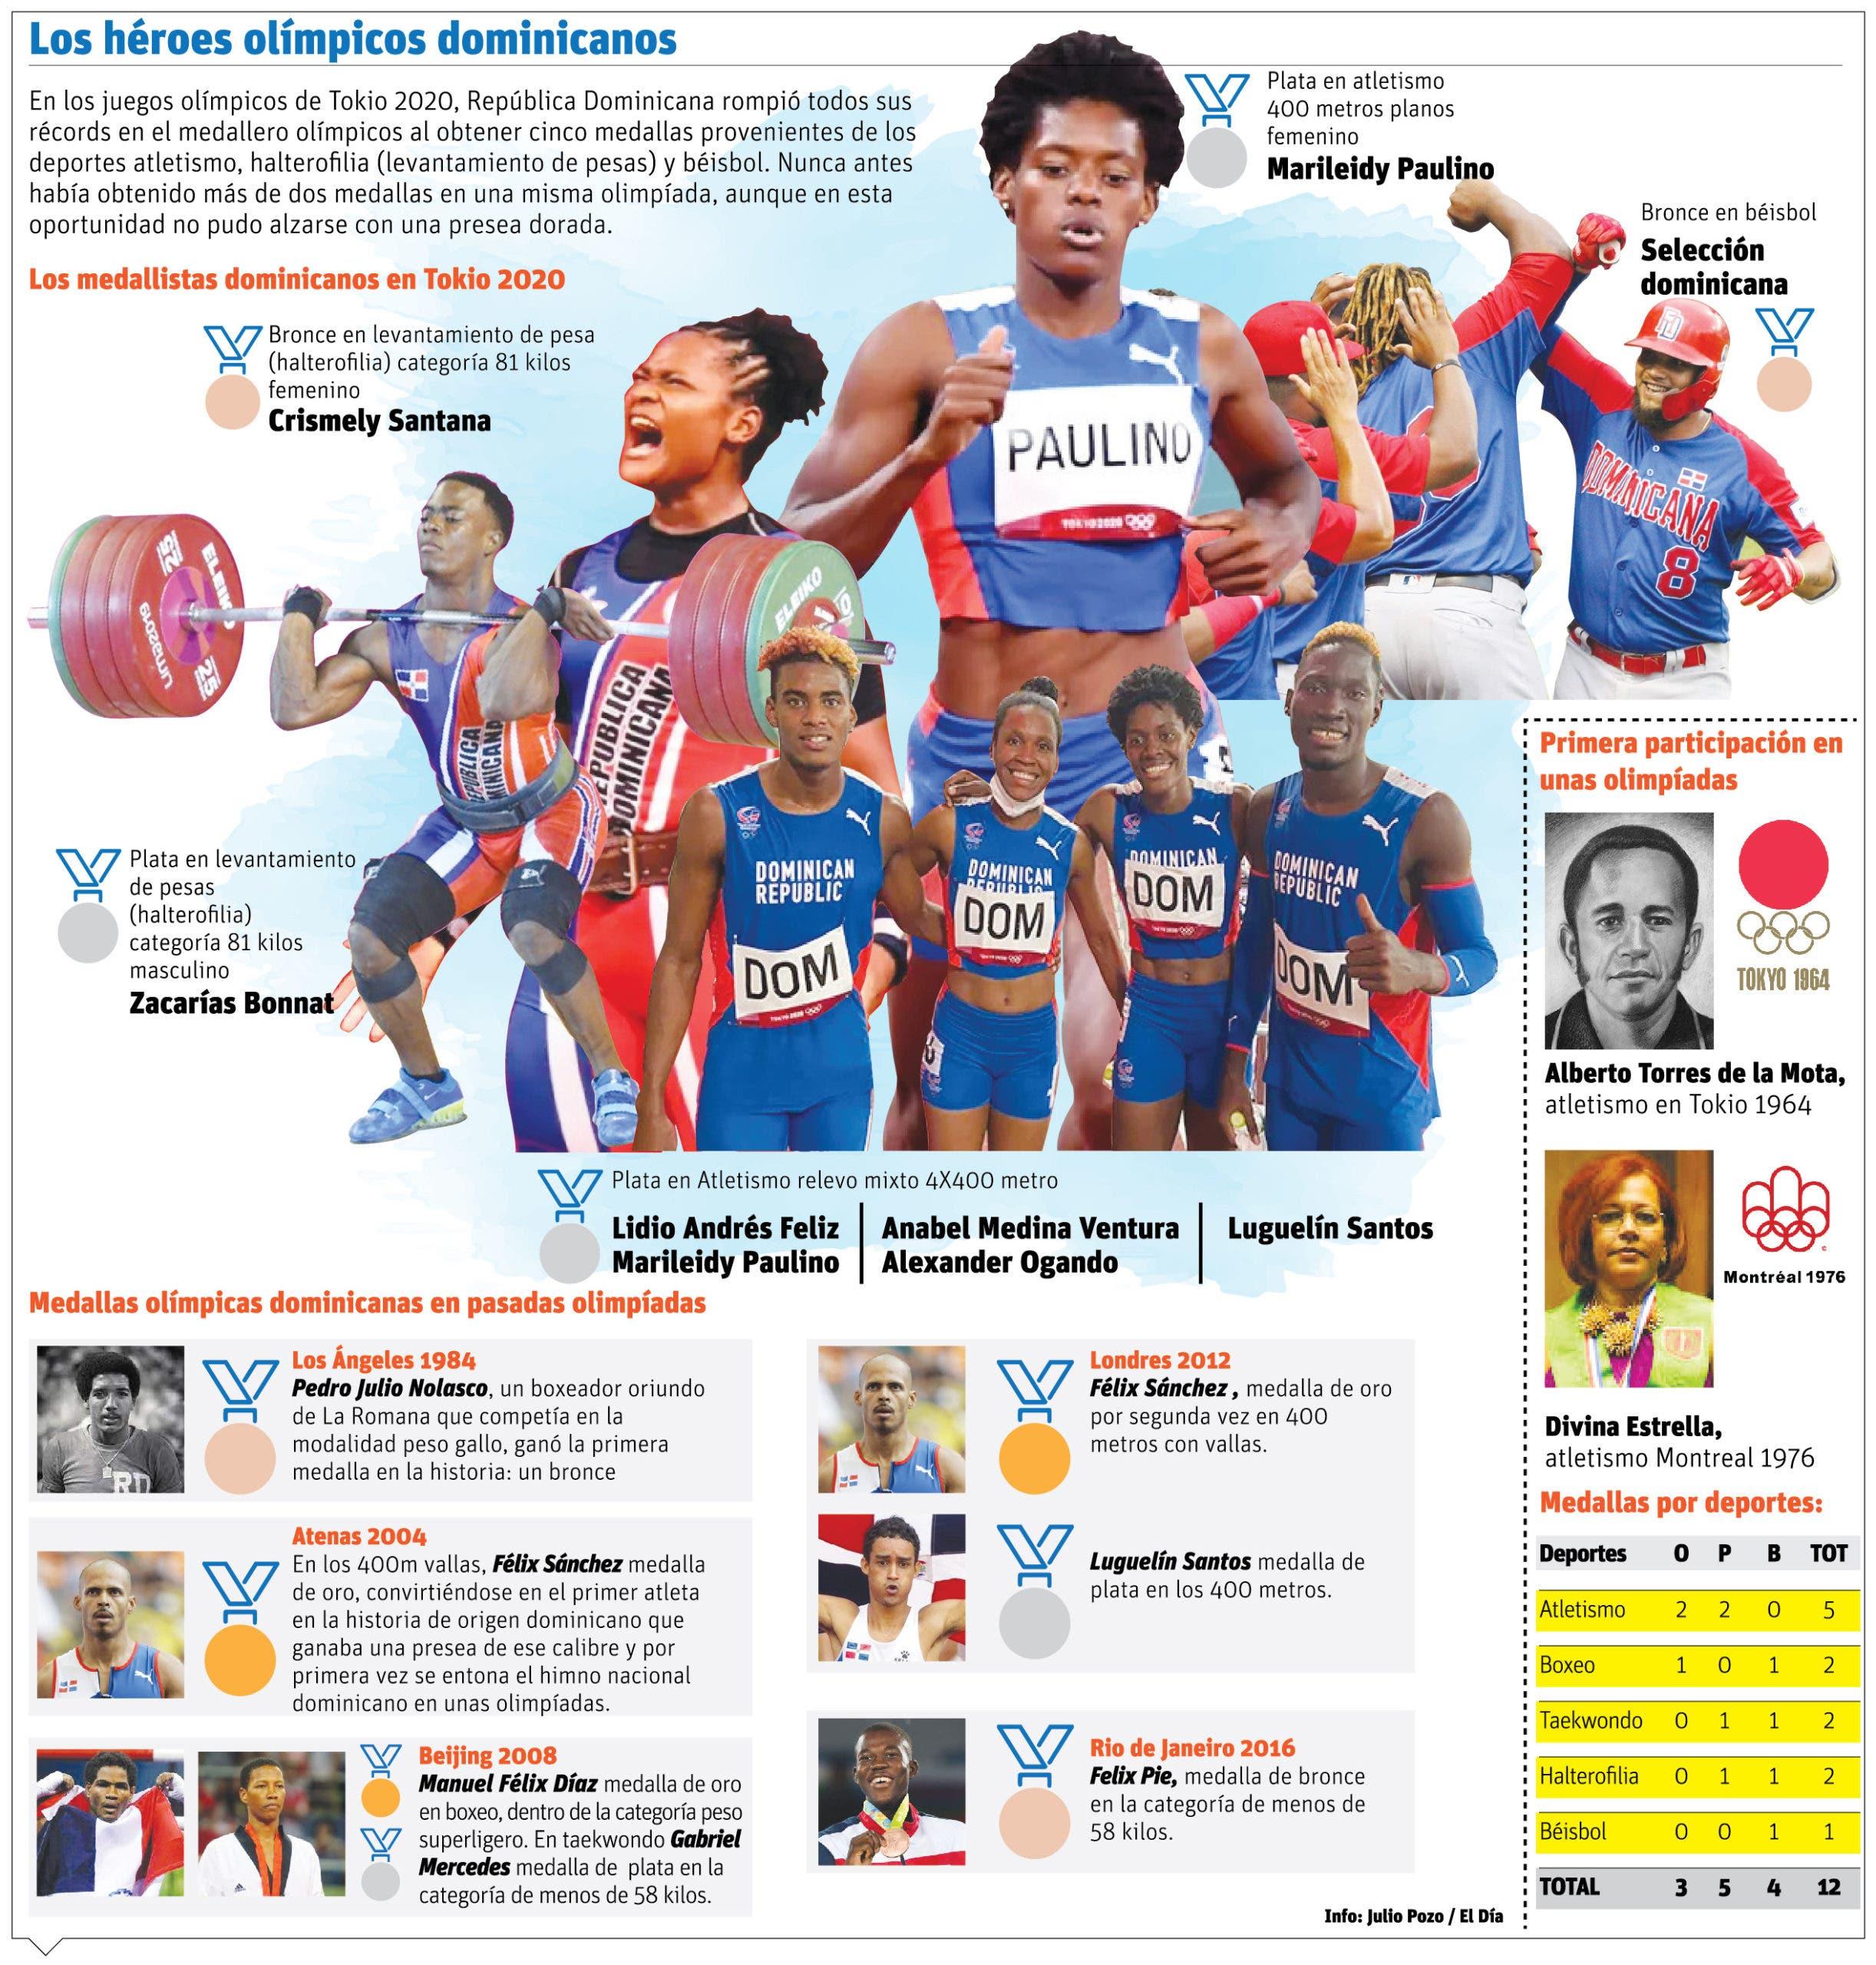 Atletas dominicanos dejan atrás sus récords en los Juegos Olímpicos